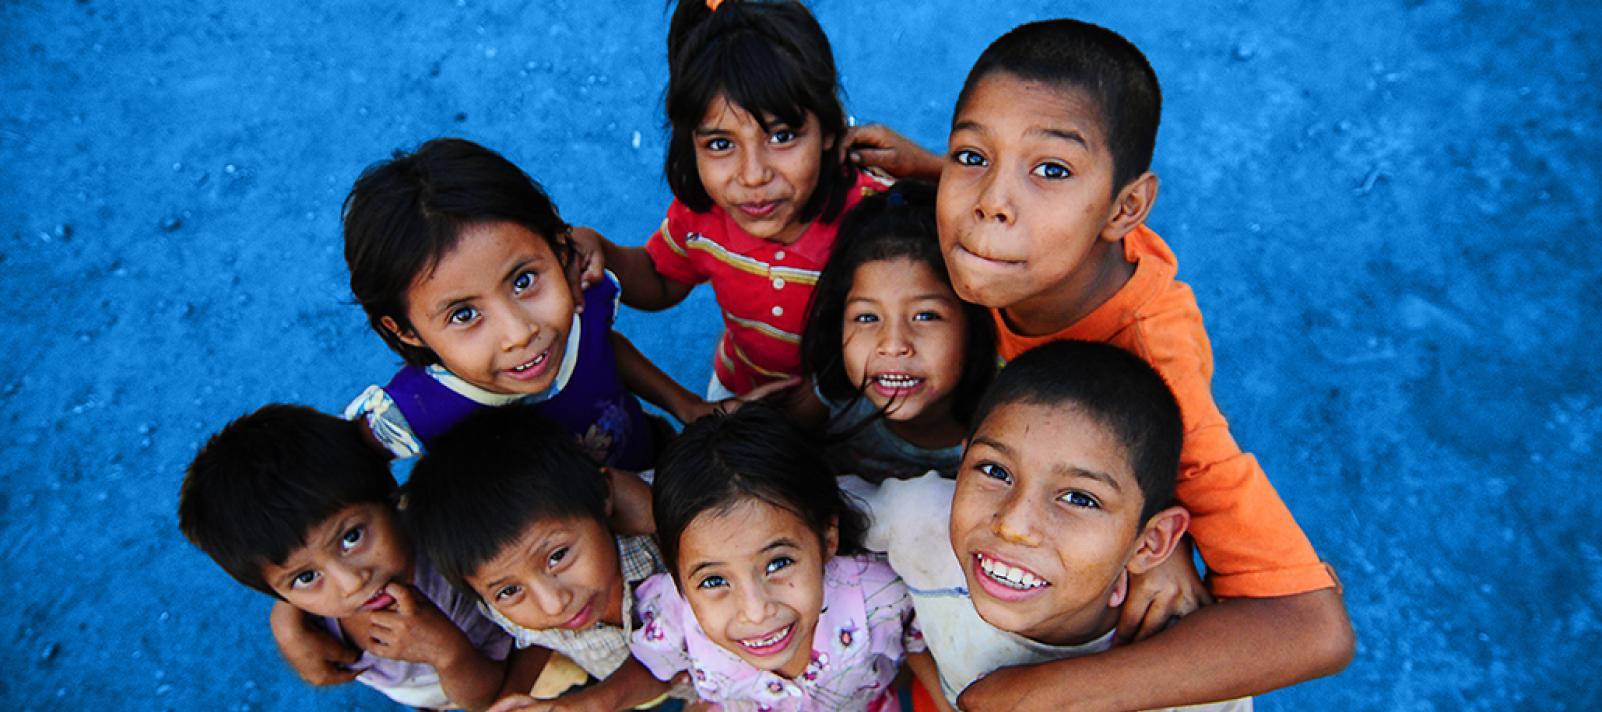 61e3503c6 Qué hacemos?   UNICEF Guatemala